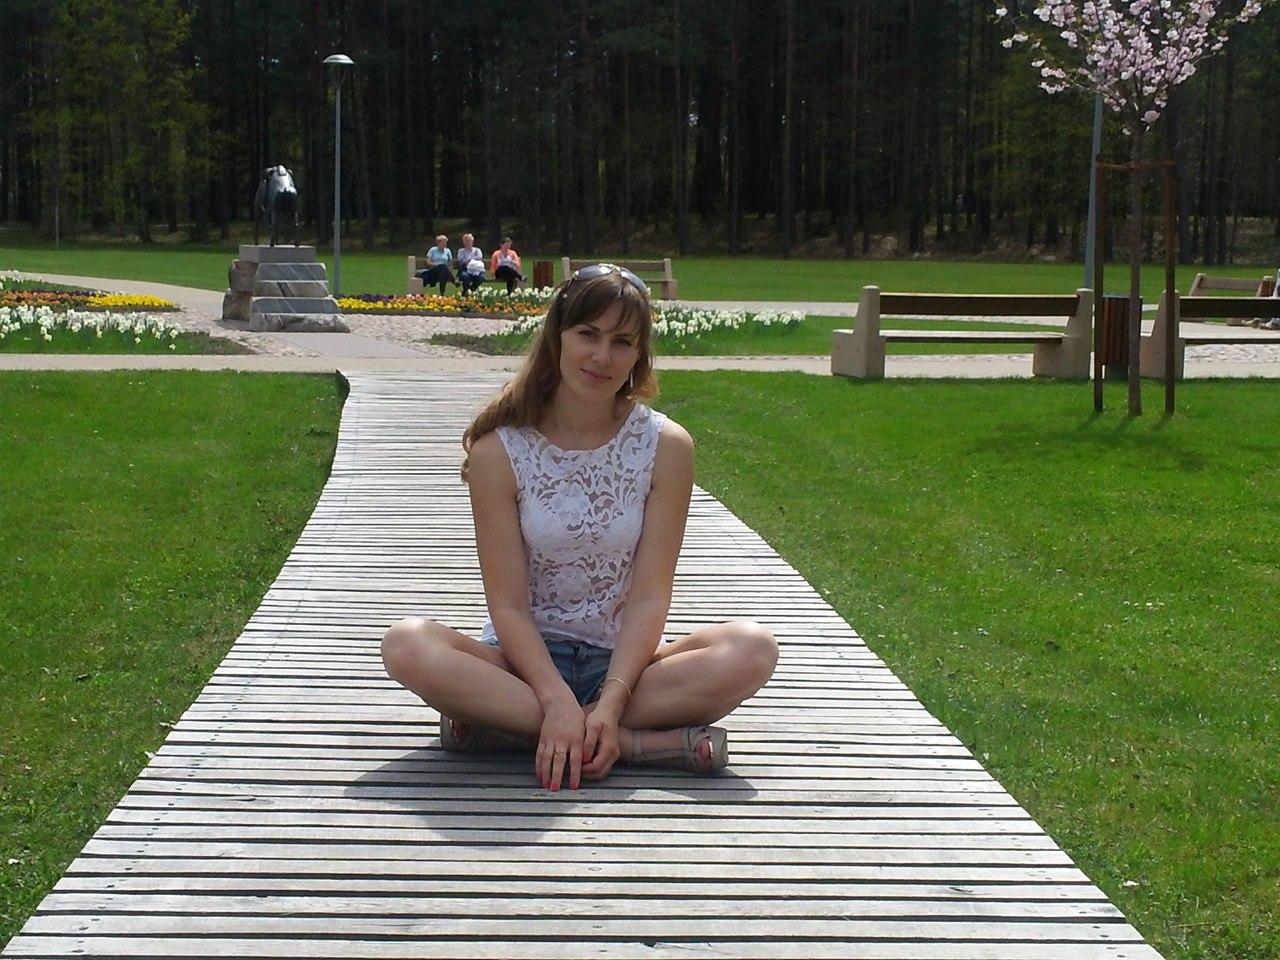 Ekaterina Nikisheva in lotus position │ Image Source: Katerina Nikisheva